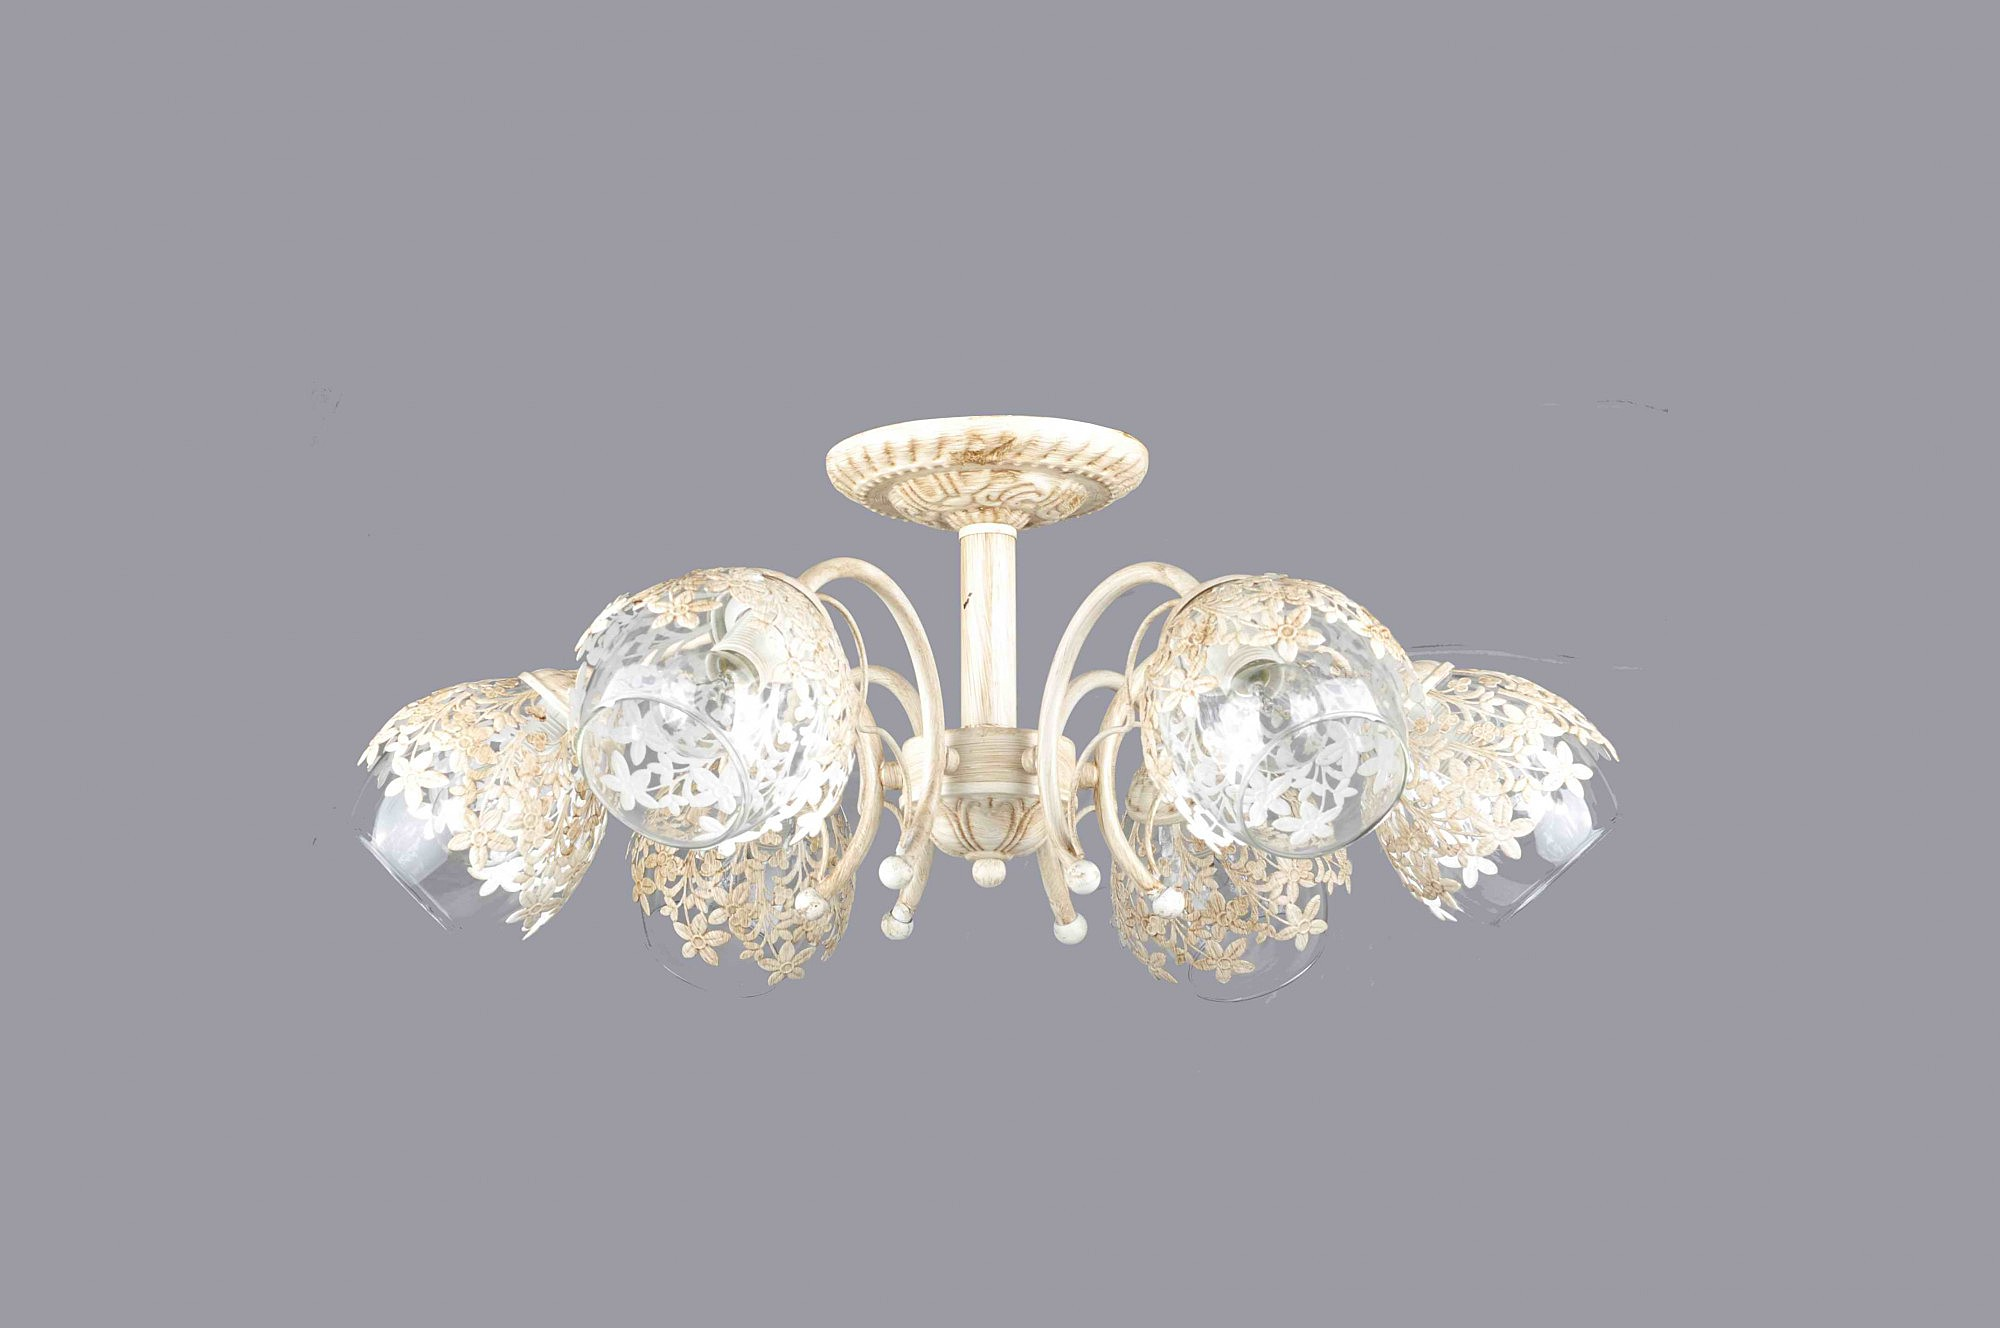 Люстра Lamplandia L1011-6 jasmine люстра lamplandia 88268 6 baron